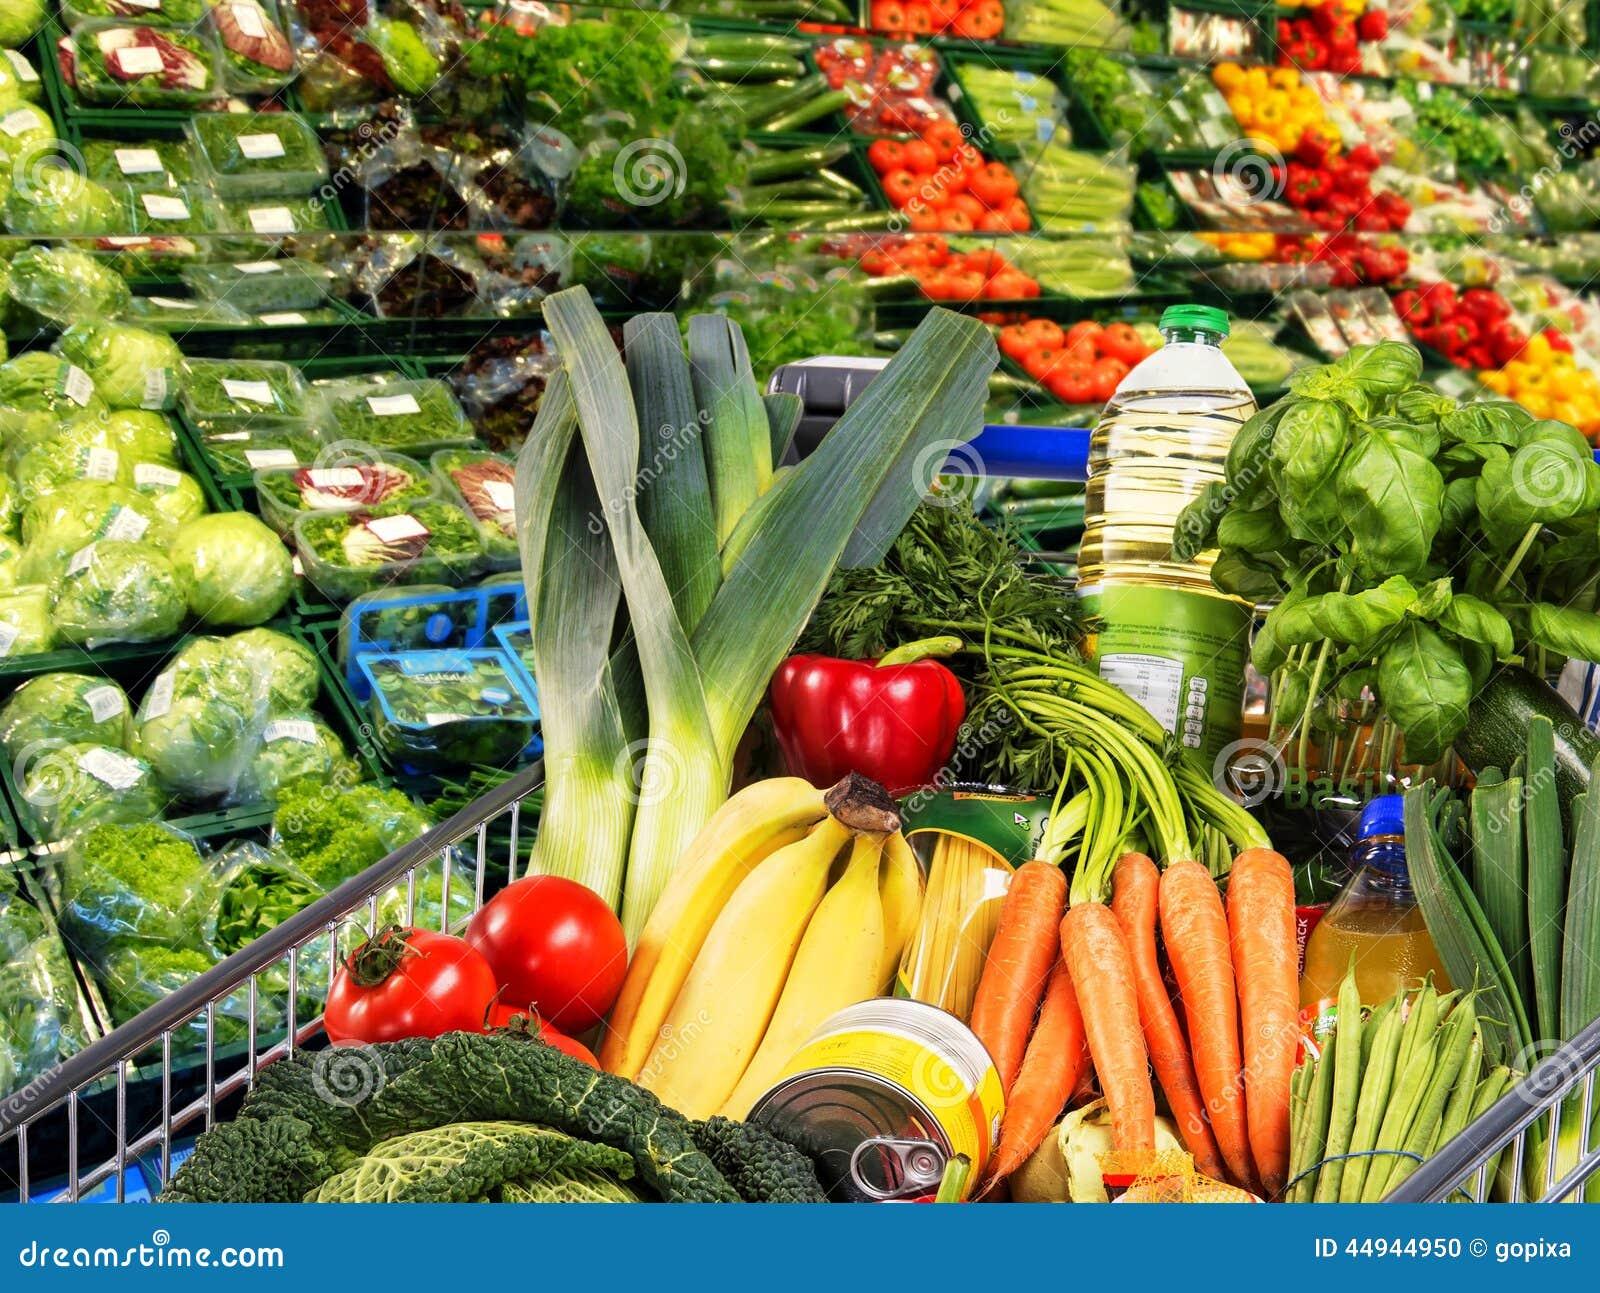 Carrinho De Compras Com Frutas E Legumes Foto De Stock Imagem De Comércio Vitaminas 44944950